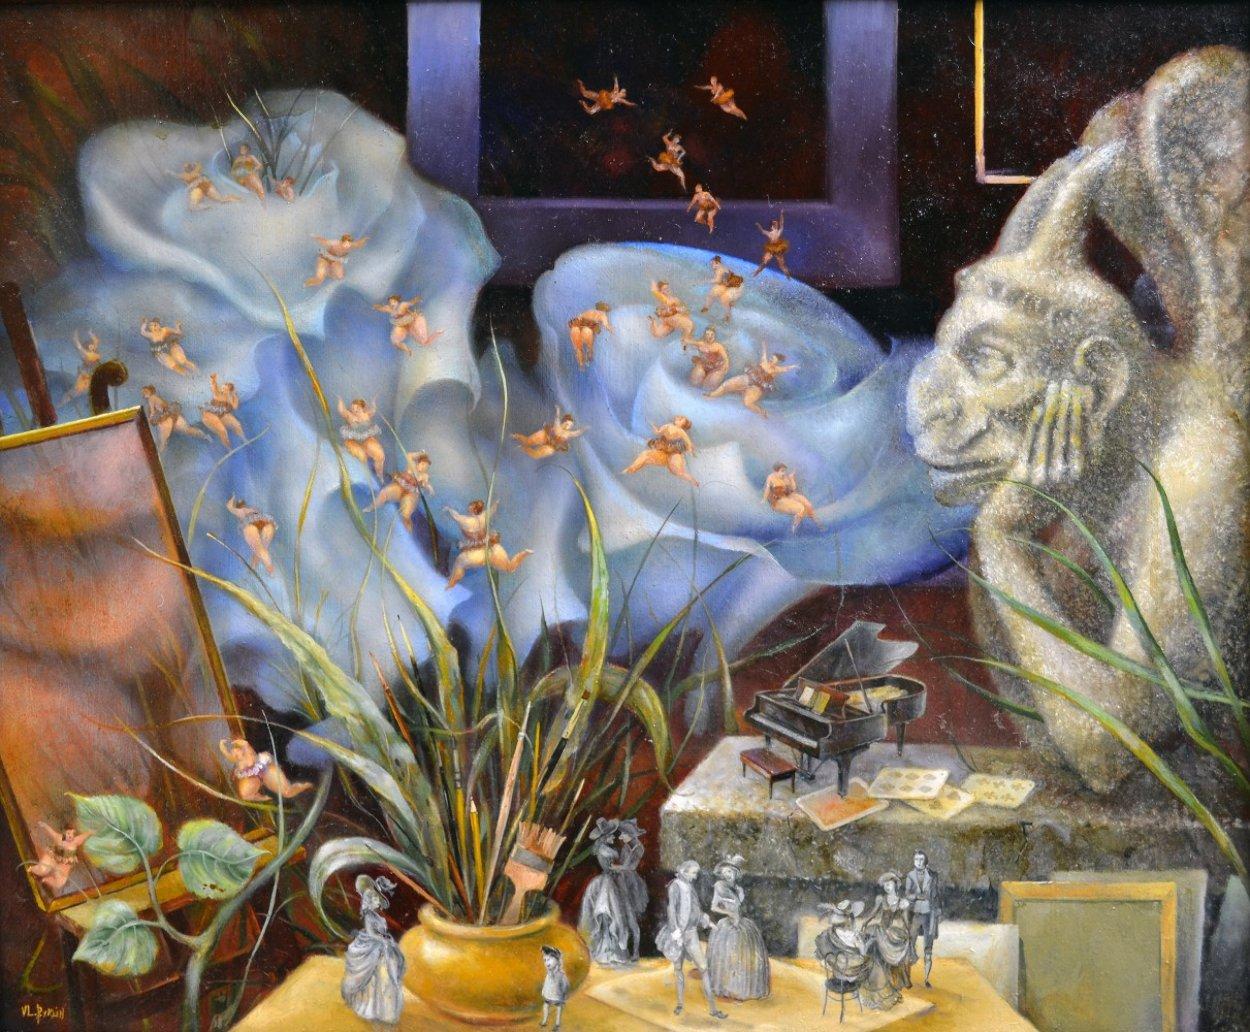 Gargoyle's Dream 2001 22x26 Original Painting by Vladimir Ryklin